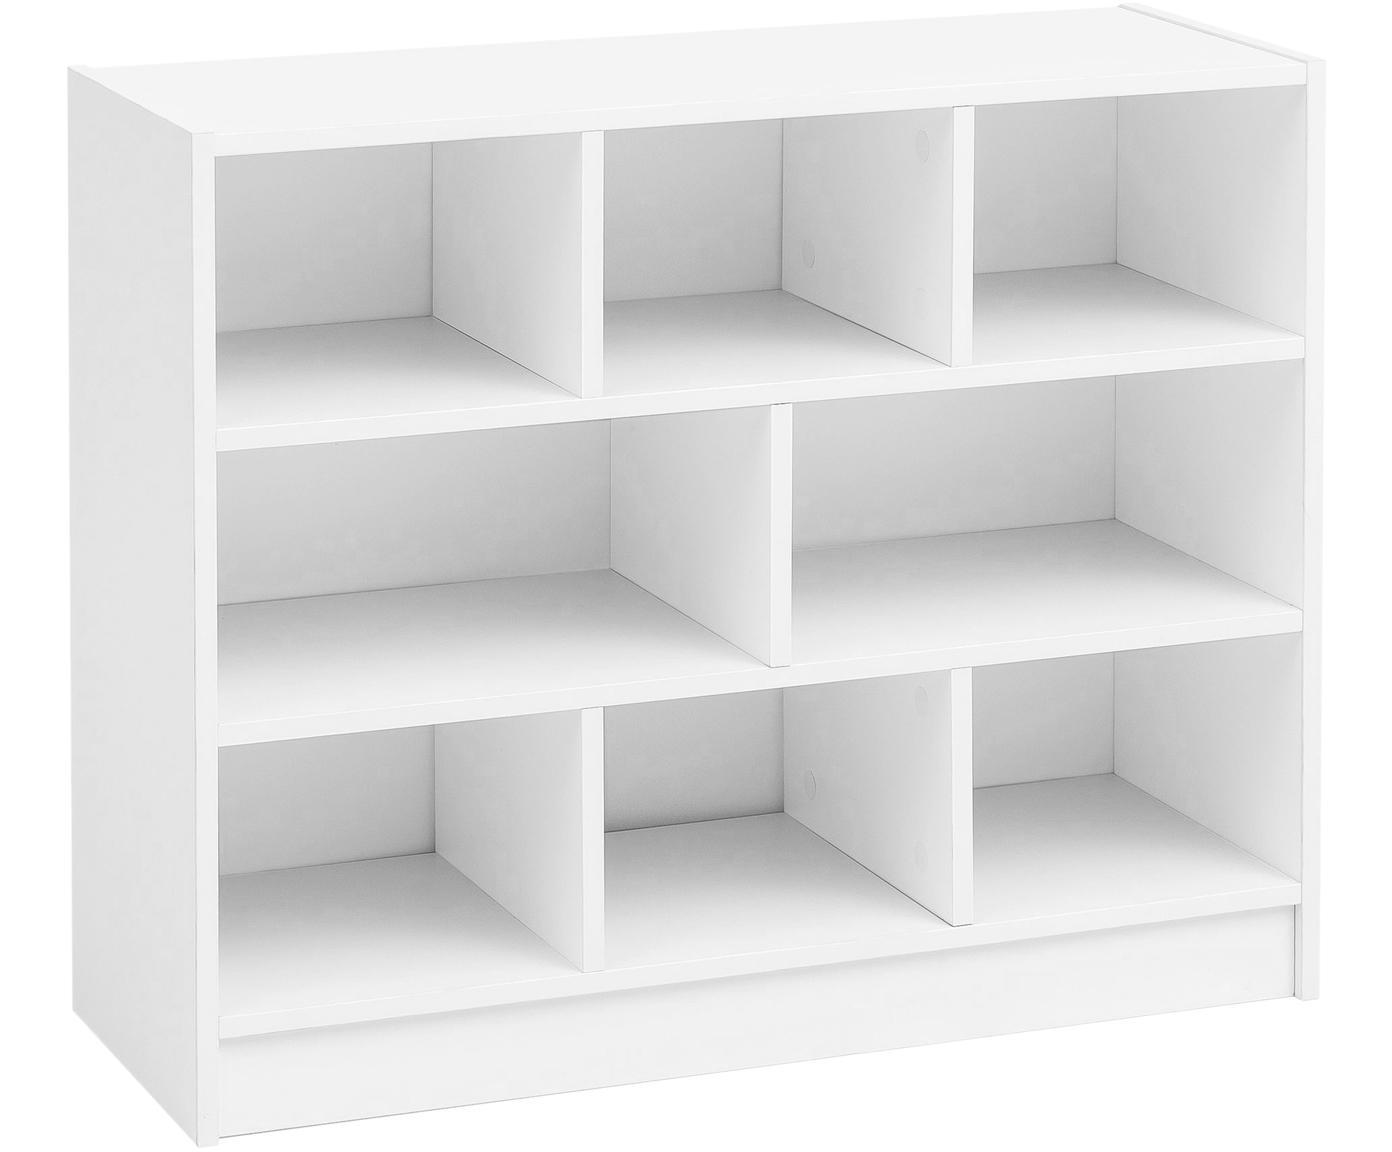 Libreria in bianco opaco Milo, Ripiano: truciolare, rivestimento , Bianco, Larg. 80 x Alt. 69 cm